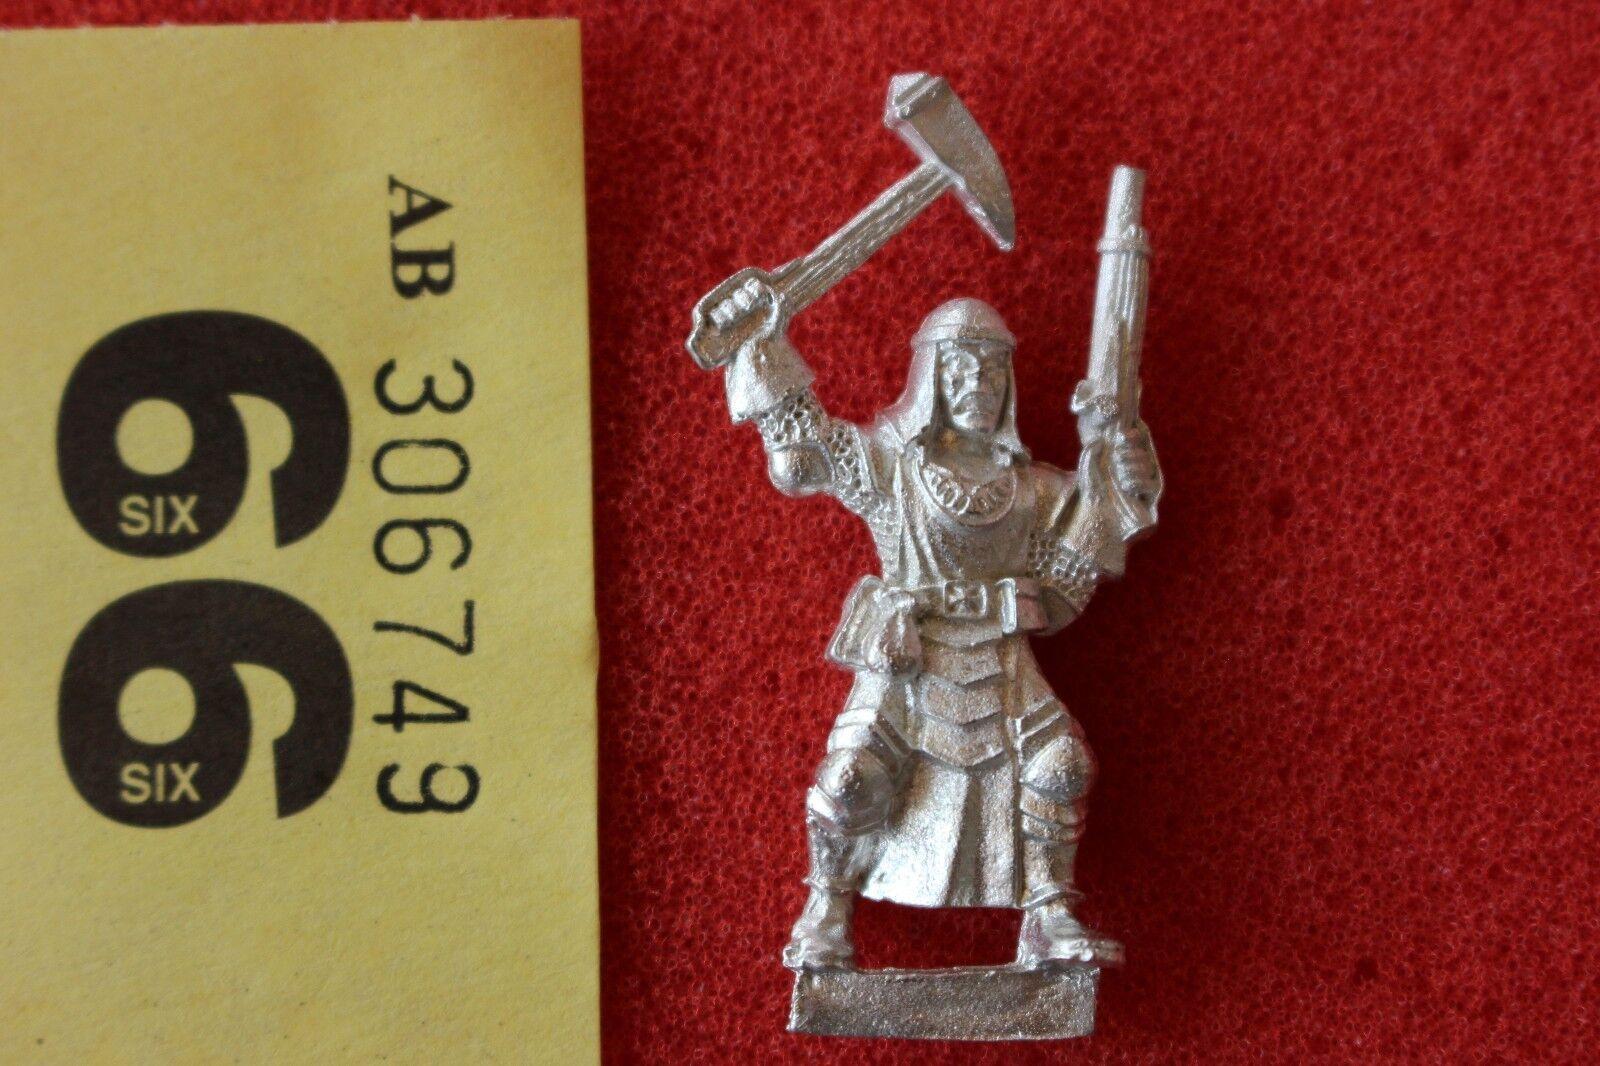 Games Workshop Mordheim Ostlanders Warhammer Empire Metal Figure Mint New OOP A1